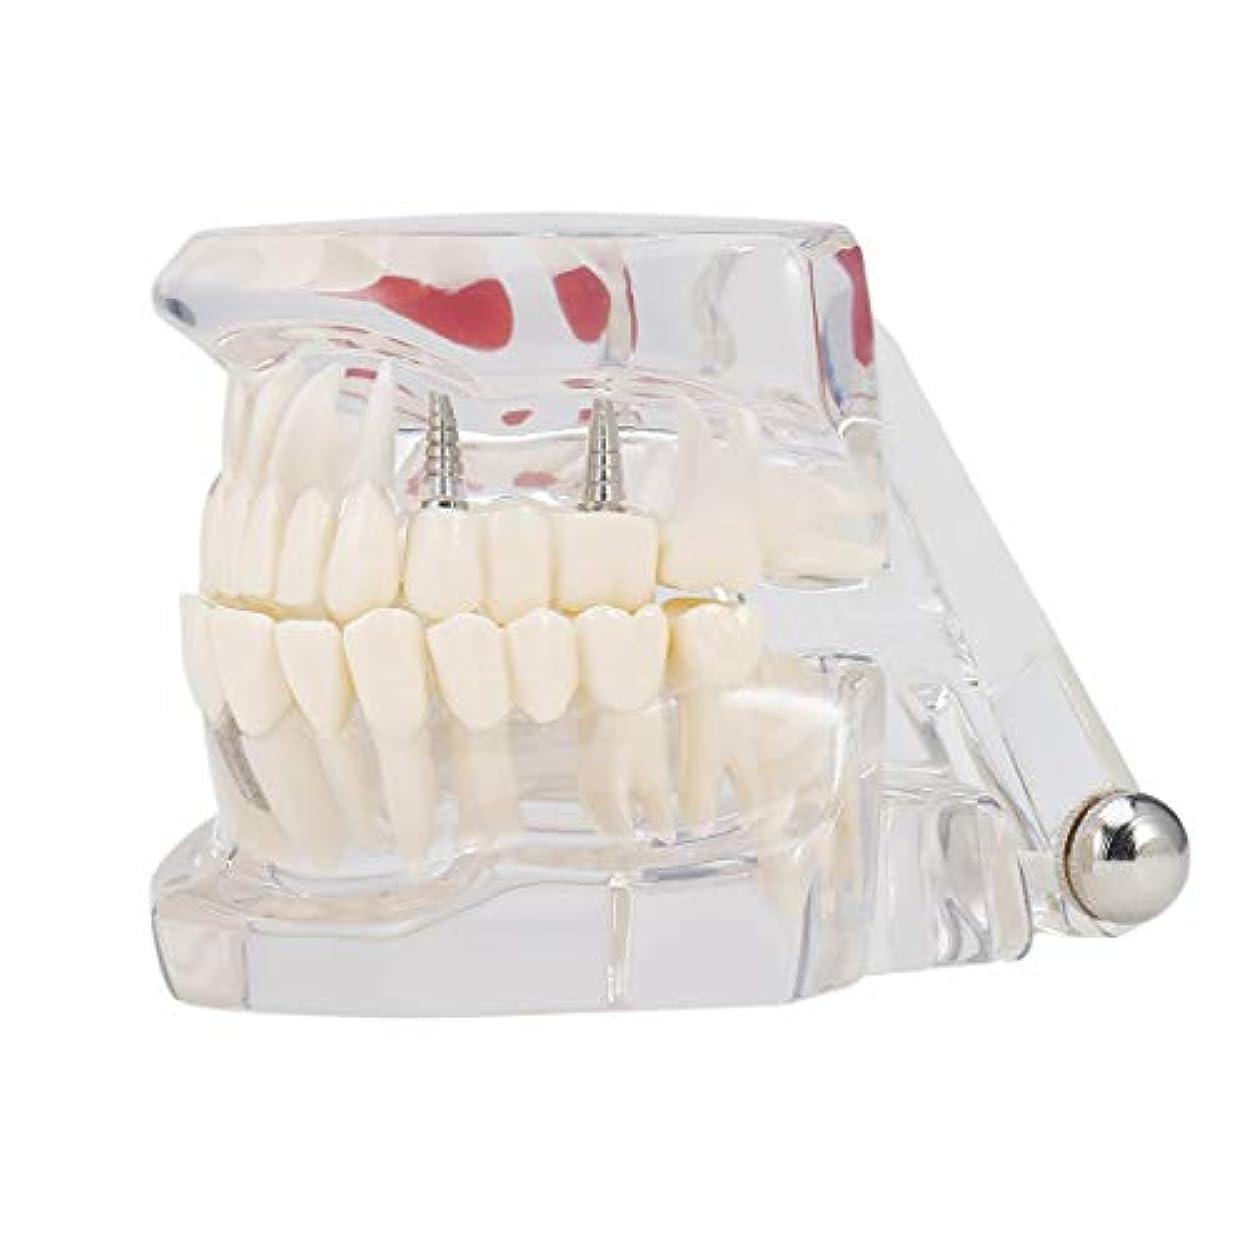 気候の山ルネッサンスカニ専門の取り外し可能な偽の歯の歯の病気のモルデルの歯科インプラント回復表示医院の病院の教育使用 (色:黒) (PandaW)